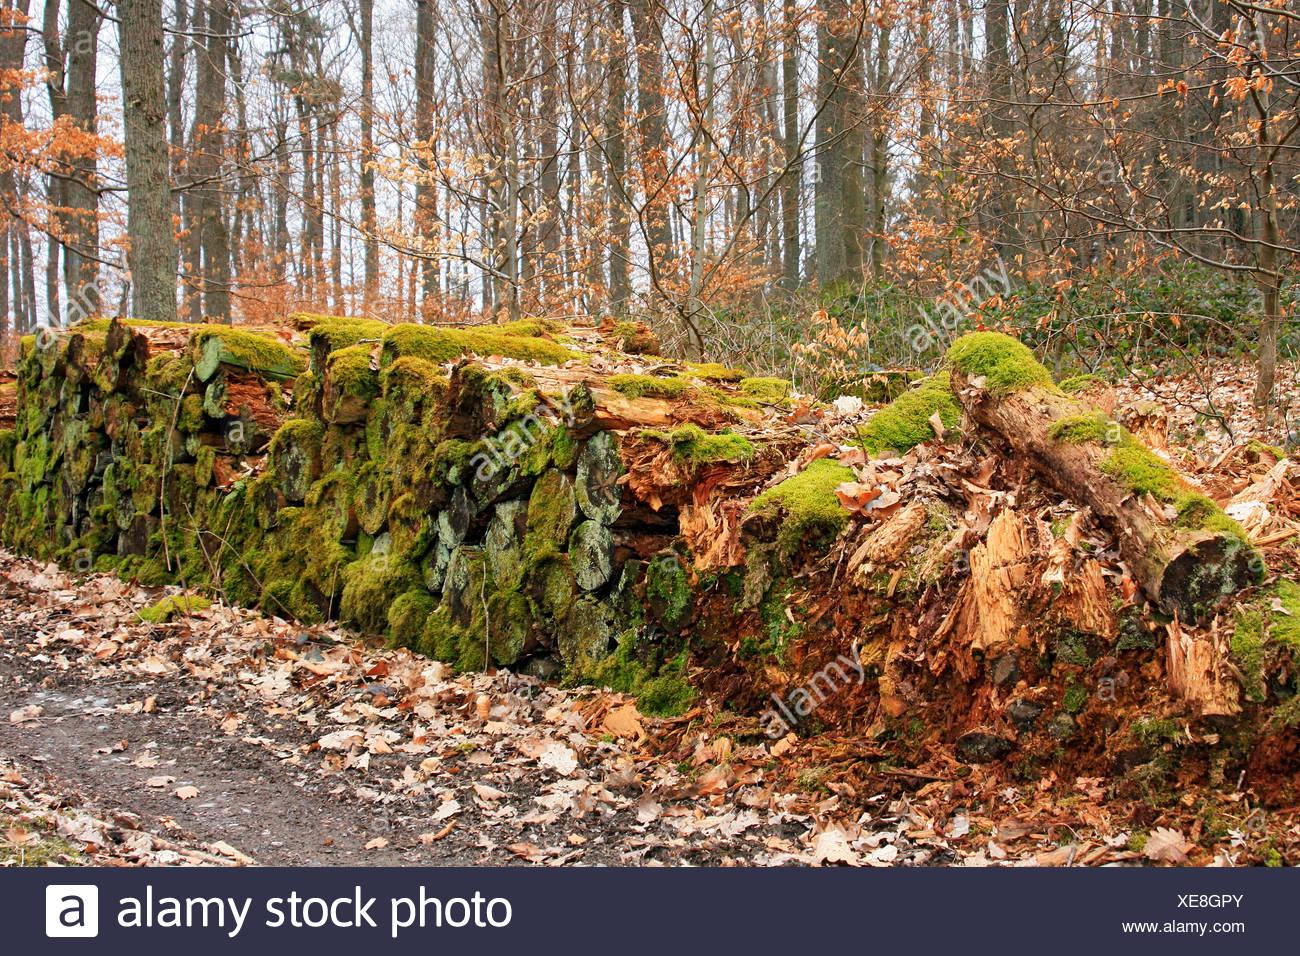 Coperte di muschio logpile marciume accanto a un sentiero di bosco, lo spreco di risorse naturali Immagini Stock